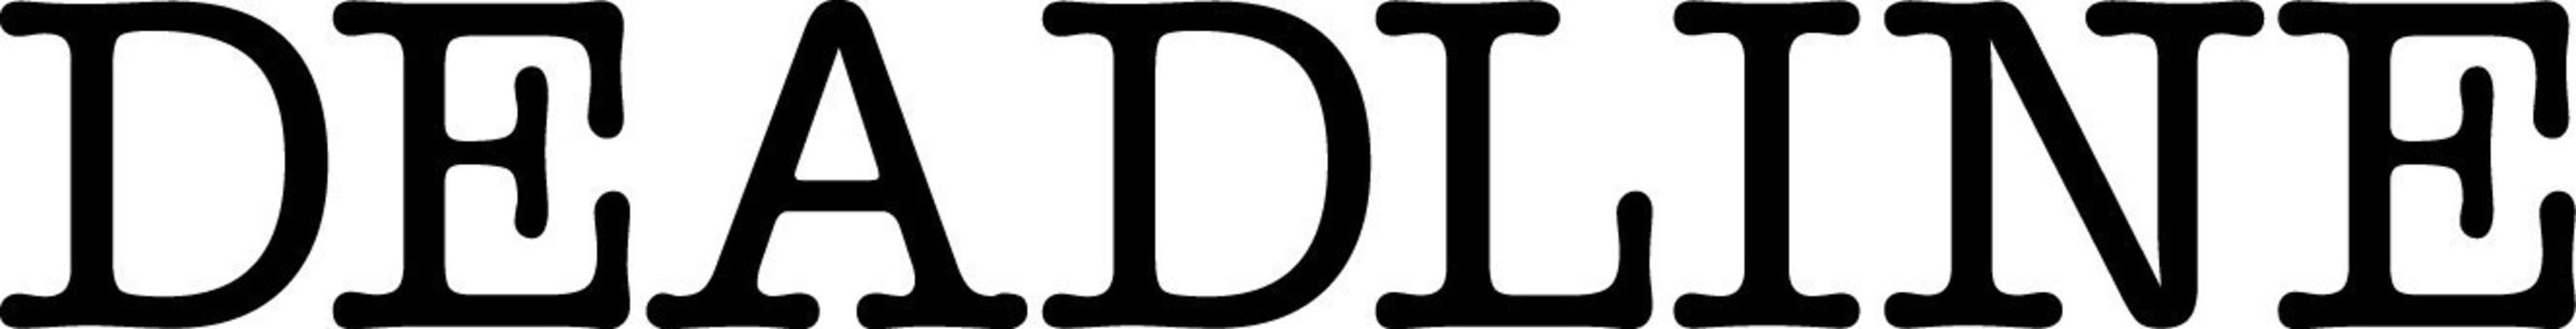 Deadline.com logo